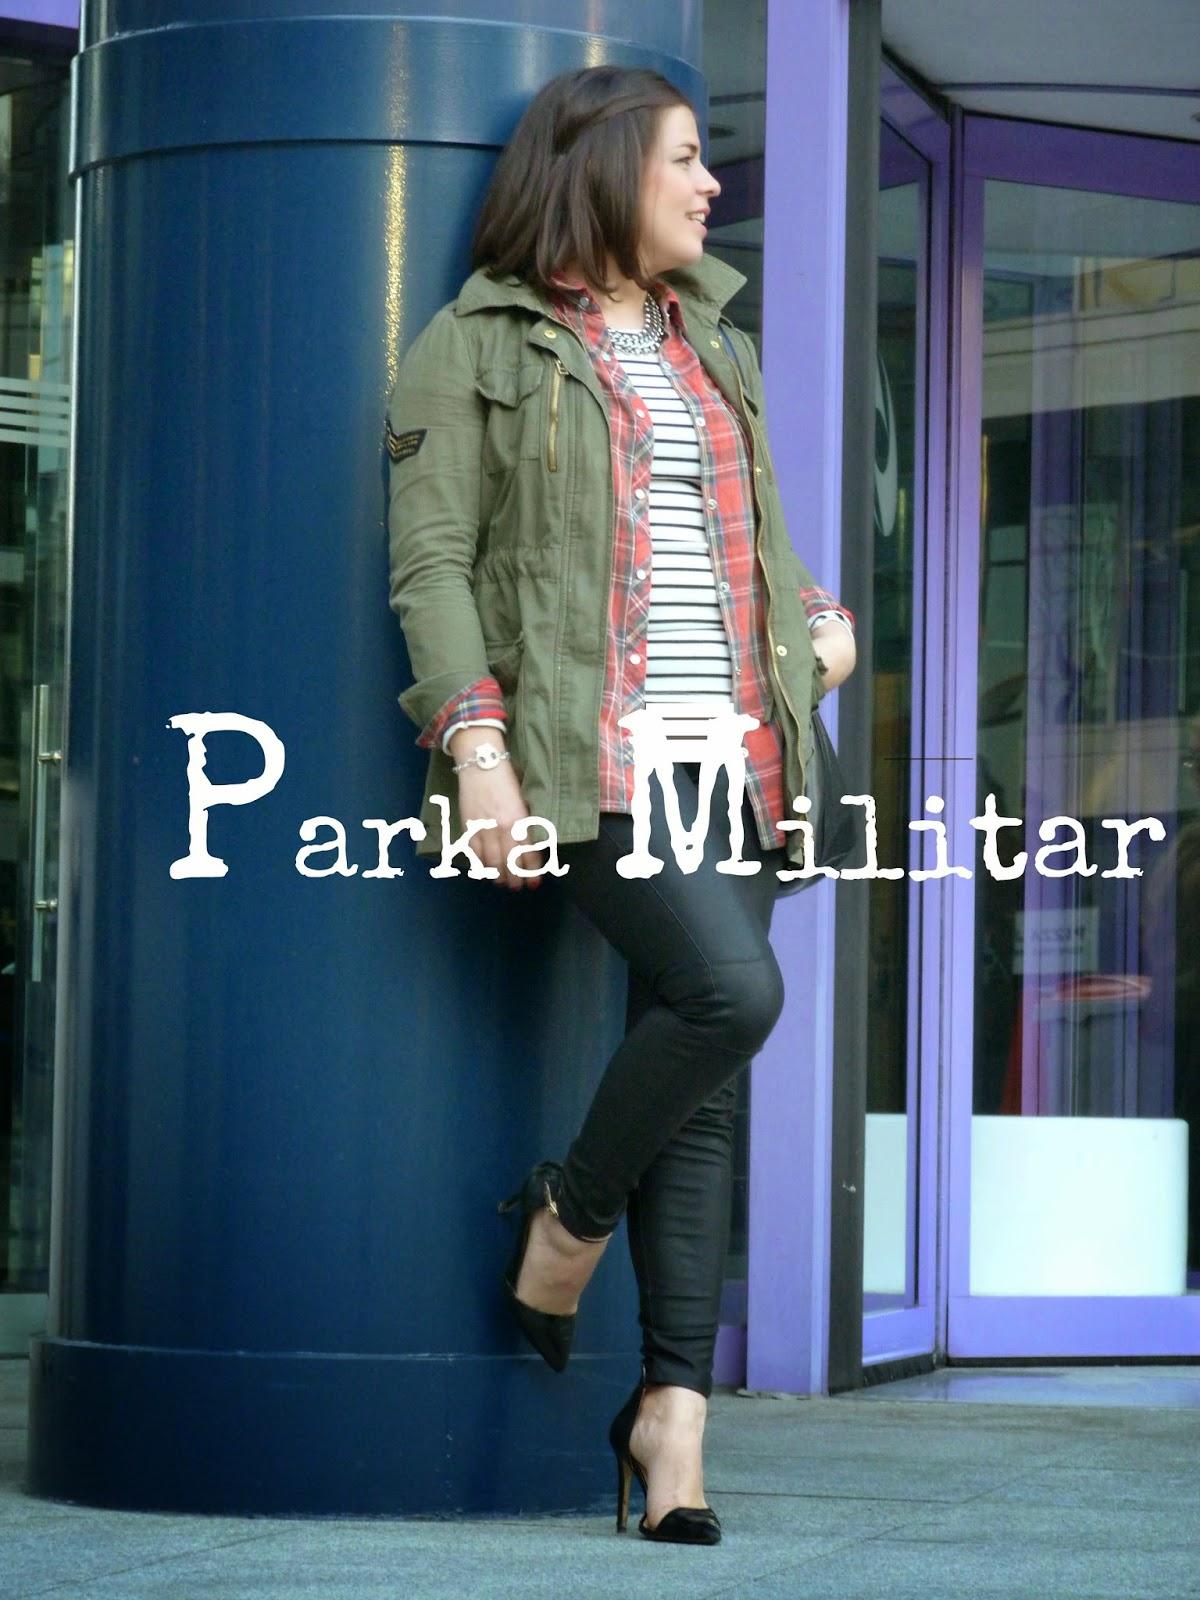 Parka militar